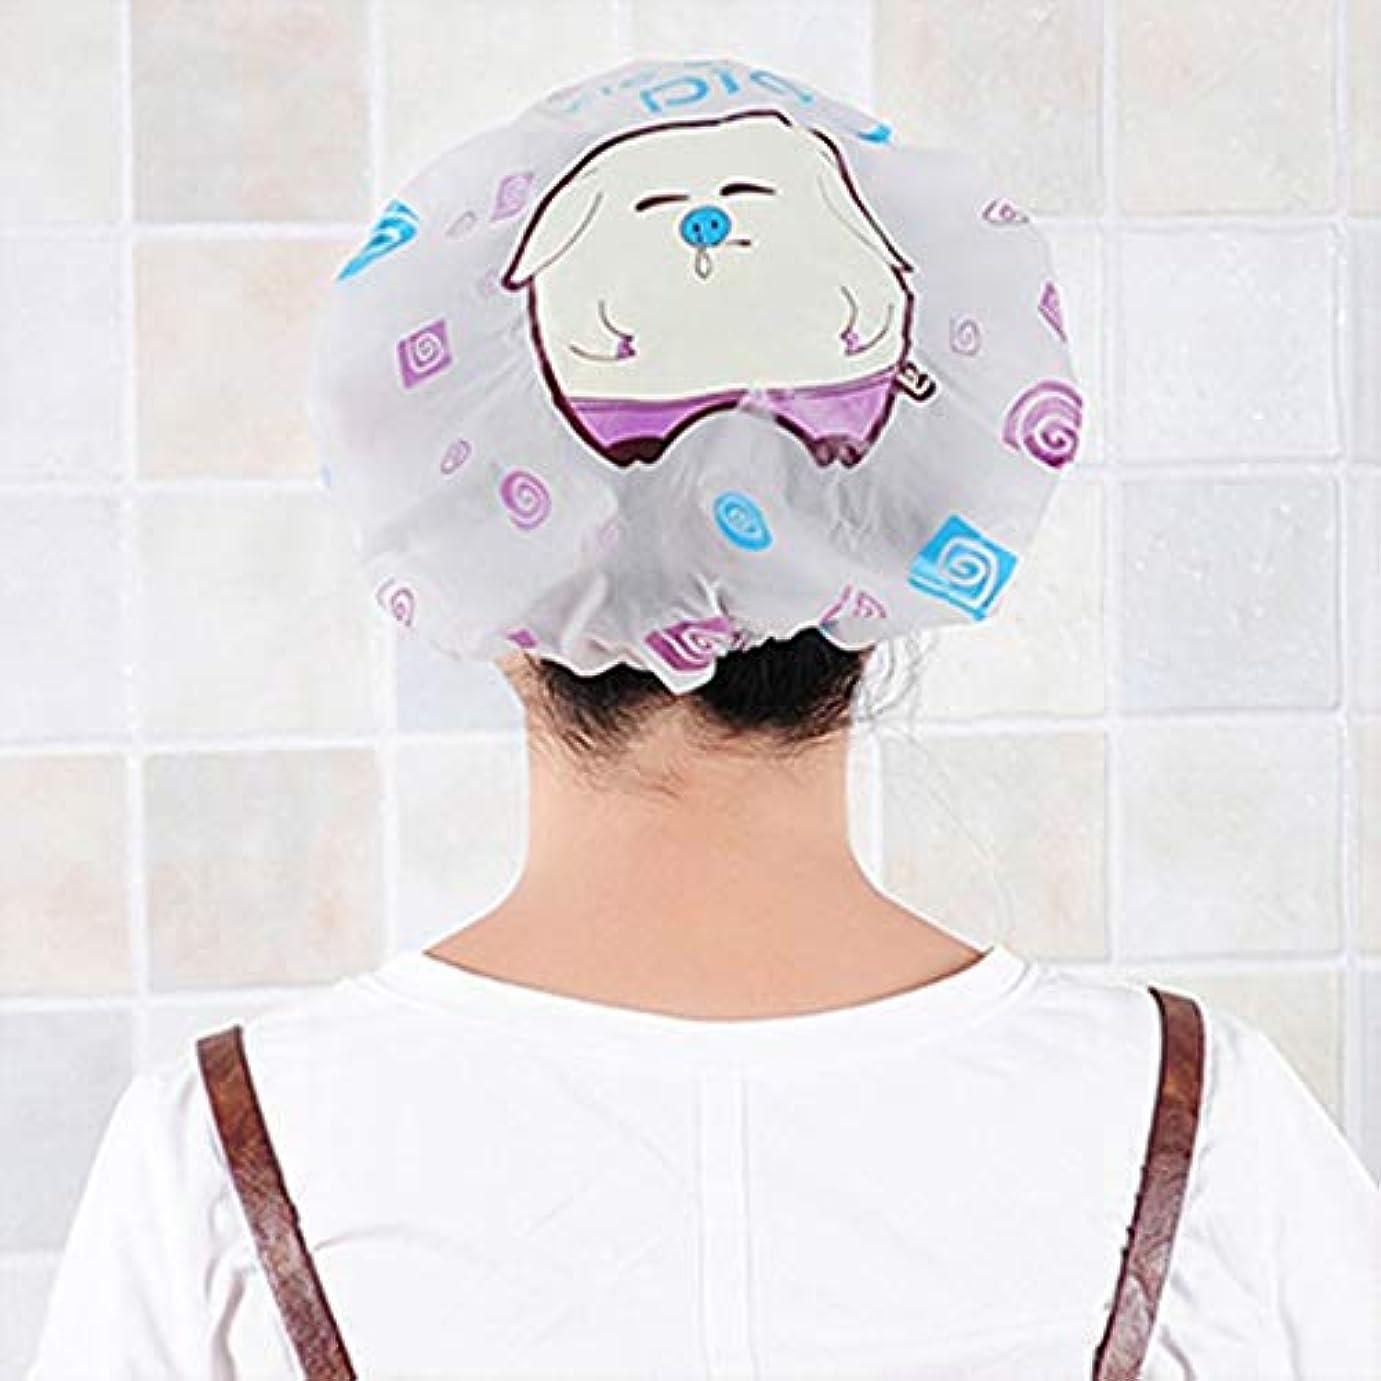 見通し風が強い受け取るSwiftgood 女性のスパ、家庭用、ホテルおよび美容院のためのプラスチックシャワー?キャップの大きく弾力がある厚いバス帽